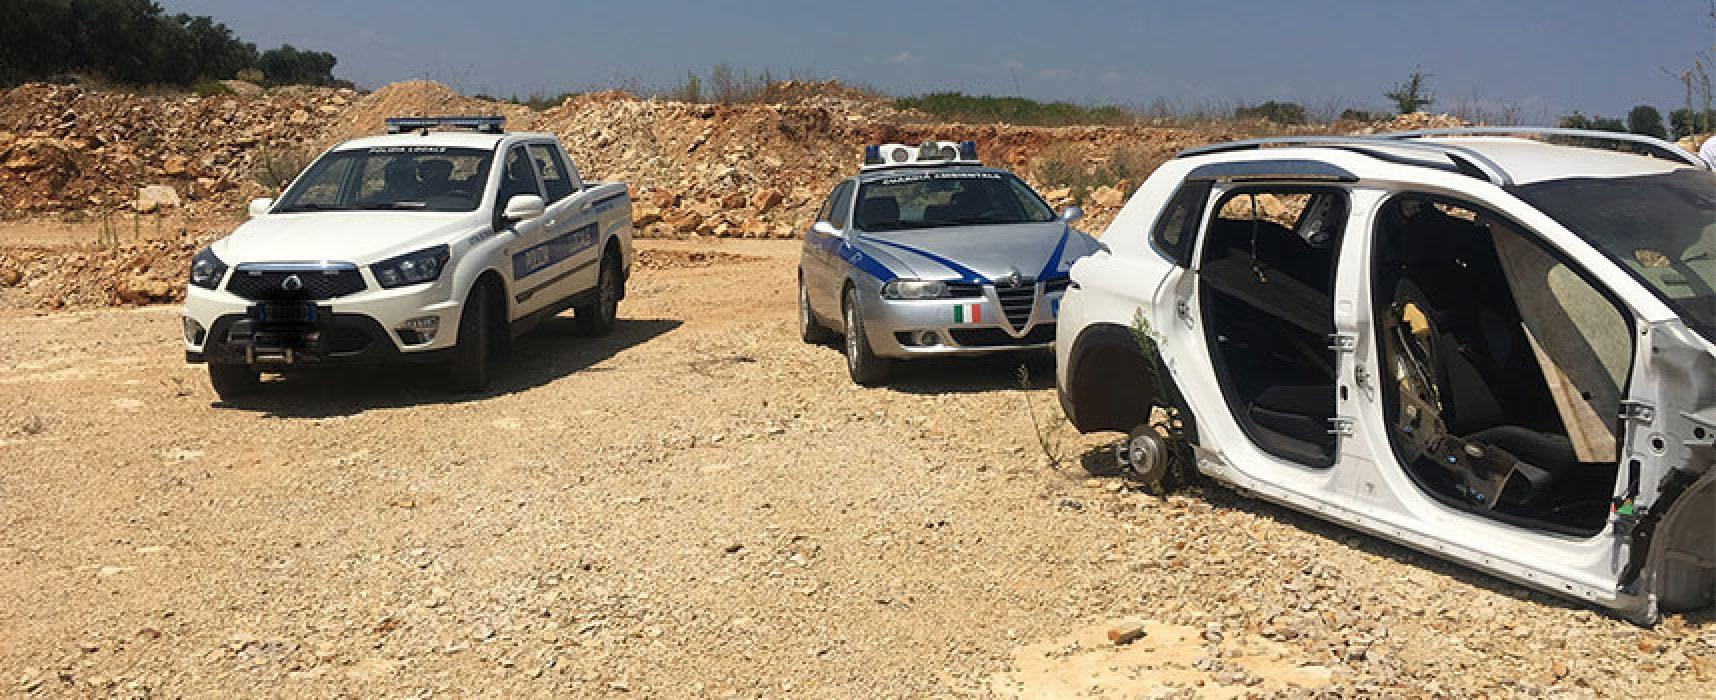 Auto cannibalizzata ritrovata dalle guardie ambientali in zona Palombe